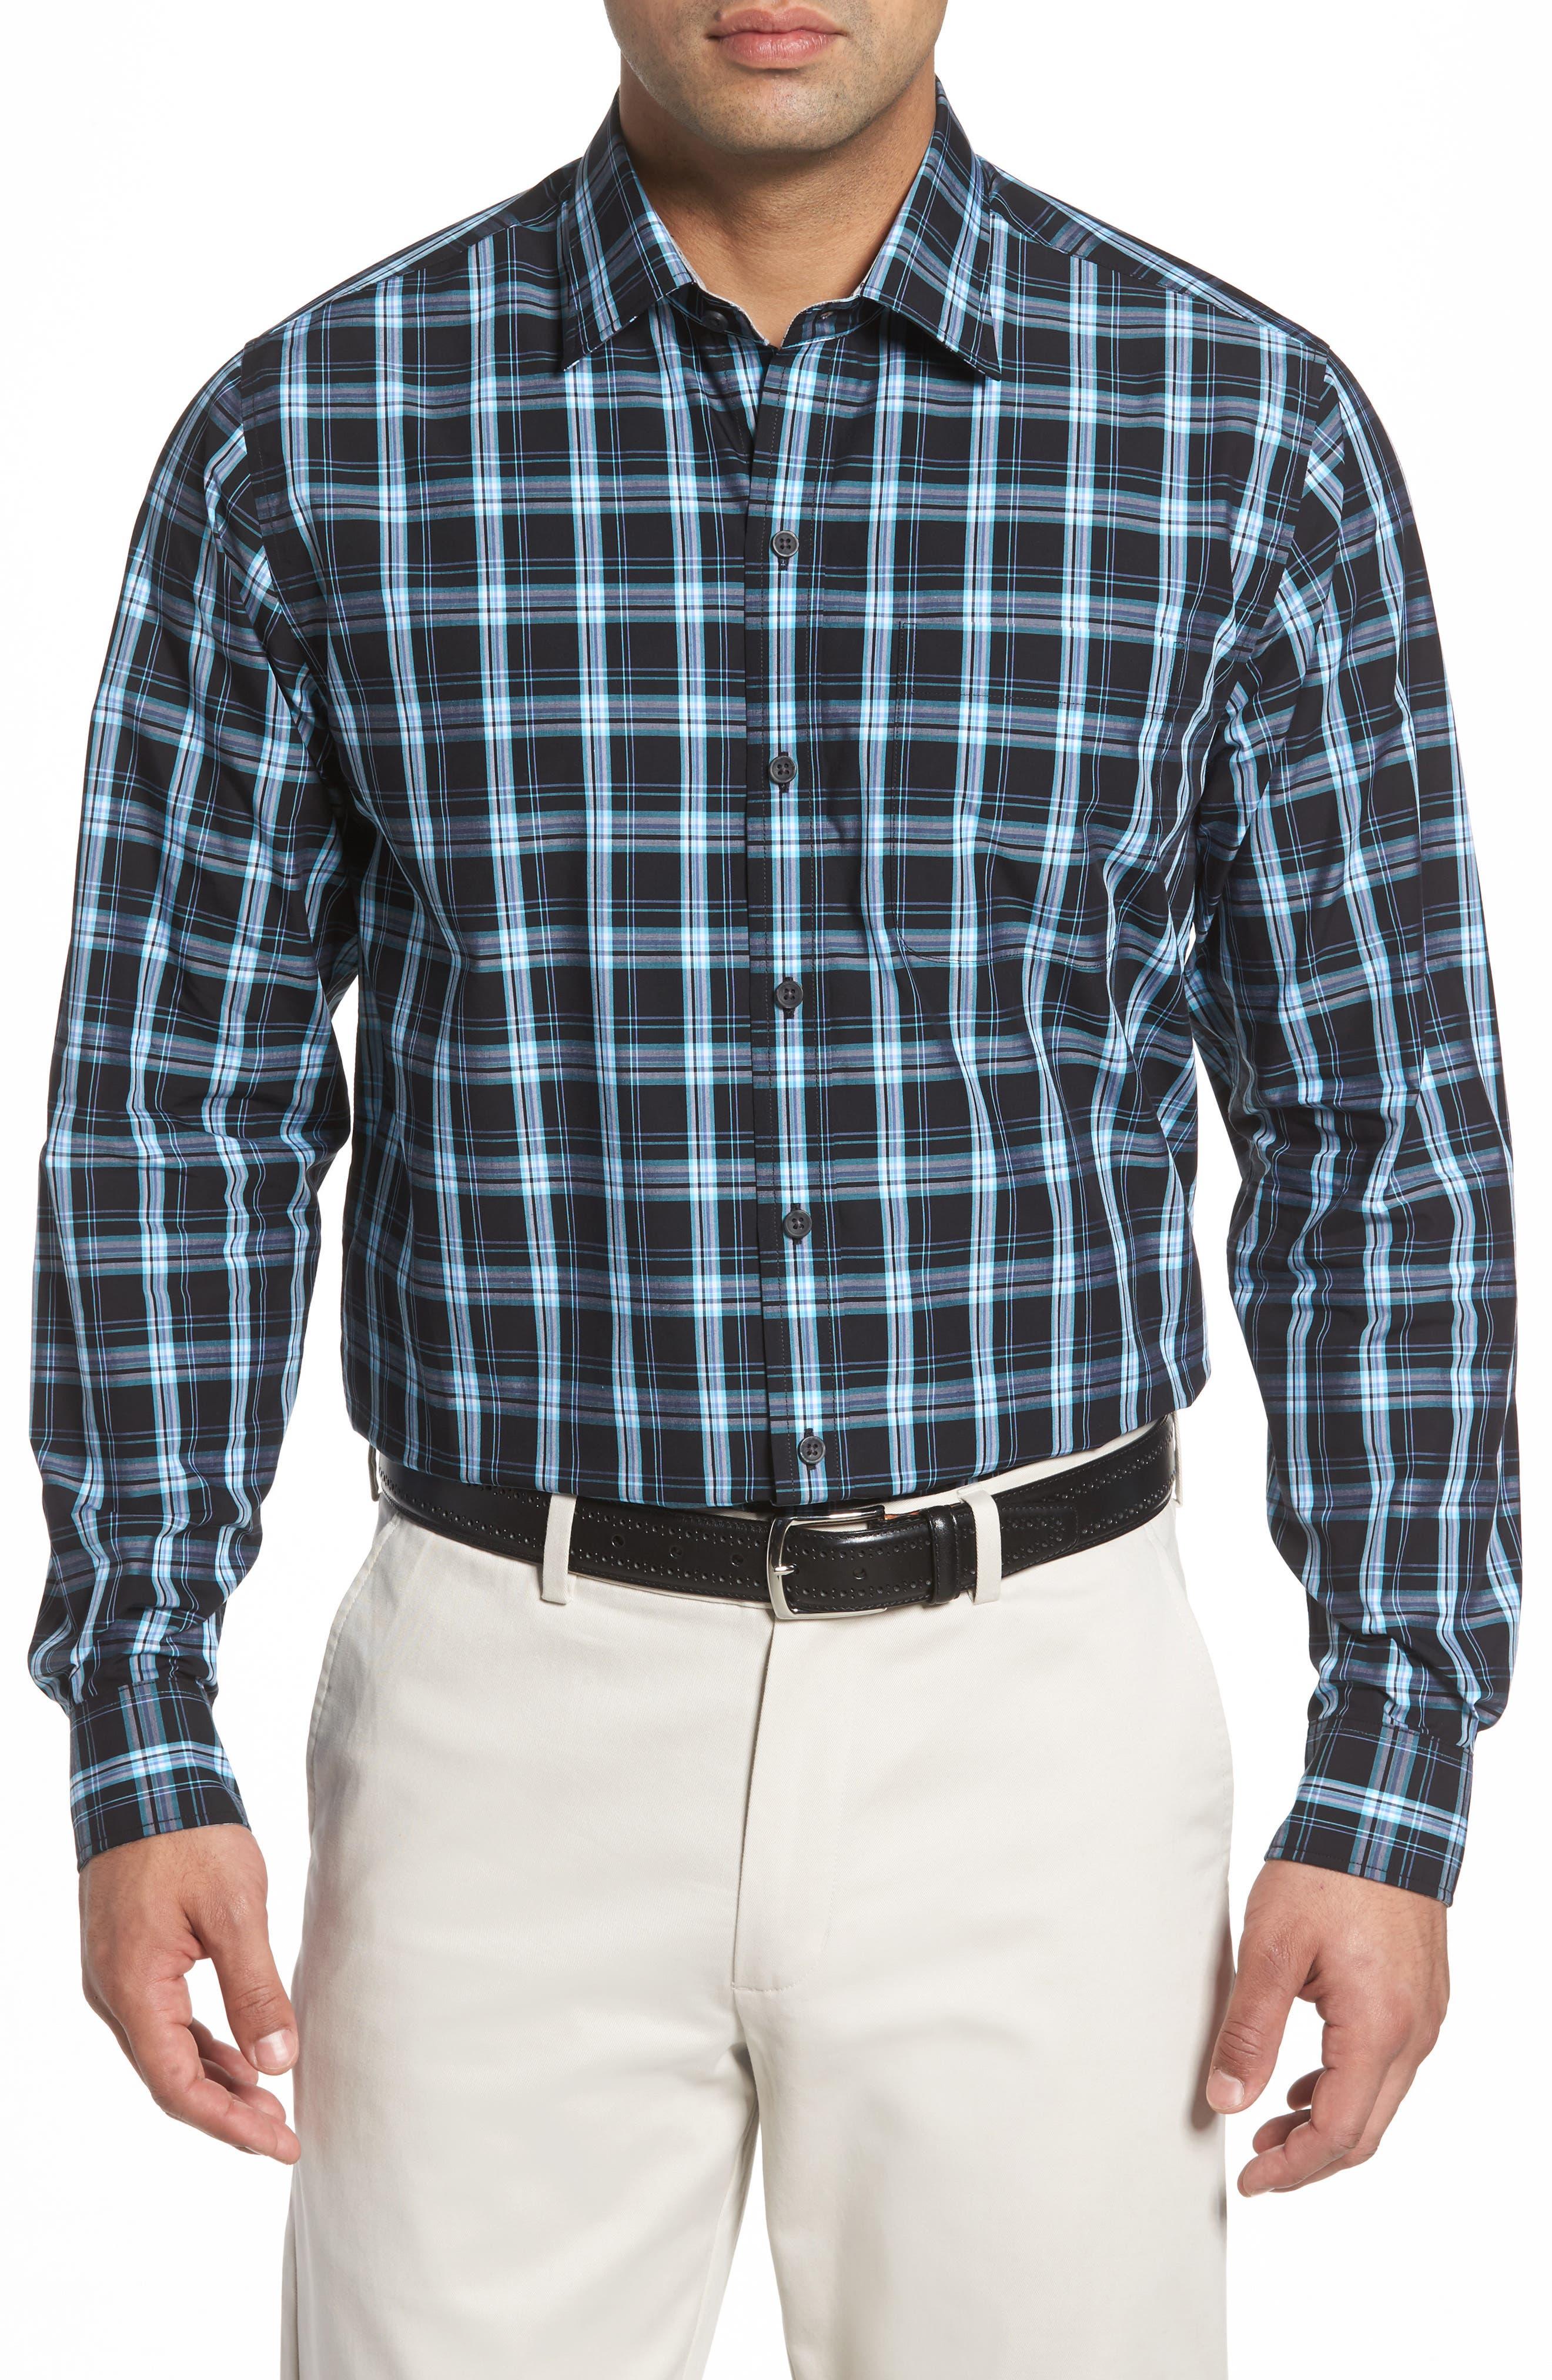 Main Image - Cutter & Buck Summerland Non-Iron Plaid Sport Shirt